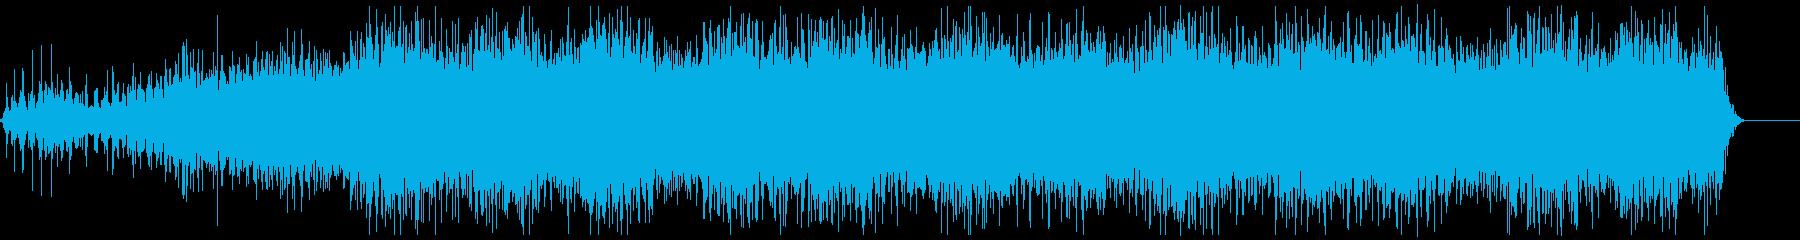 機械稼働音 4の再生済みの波形